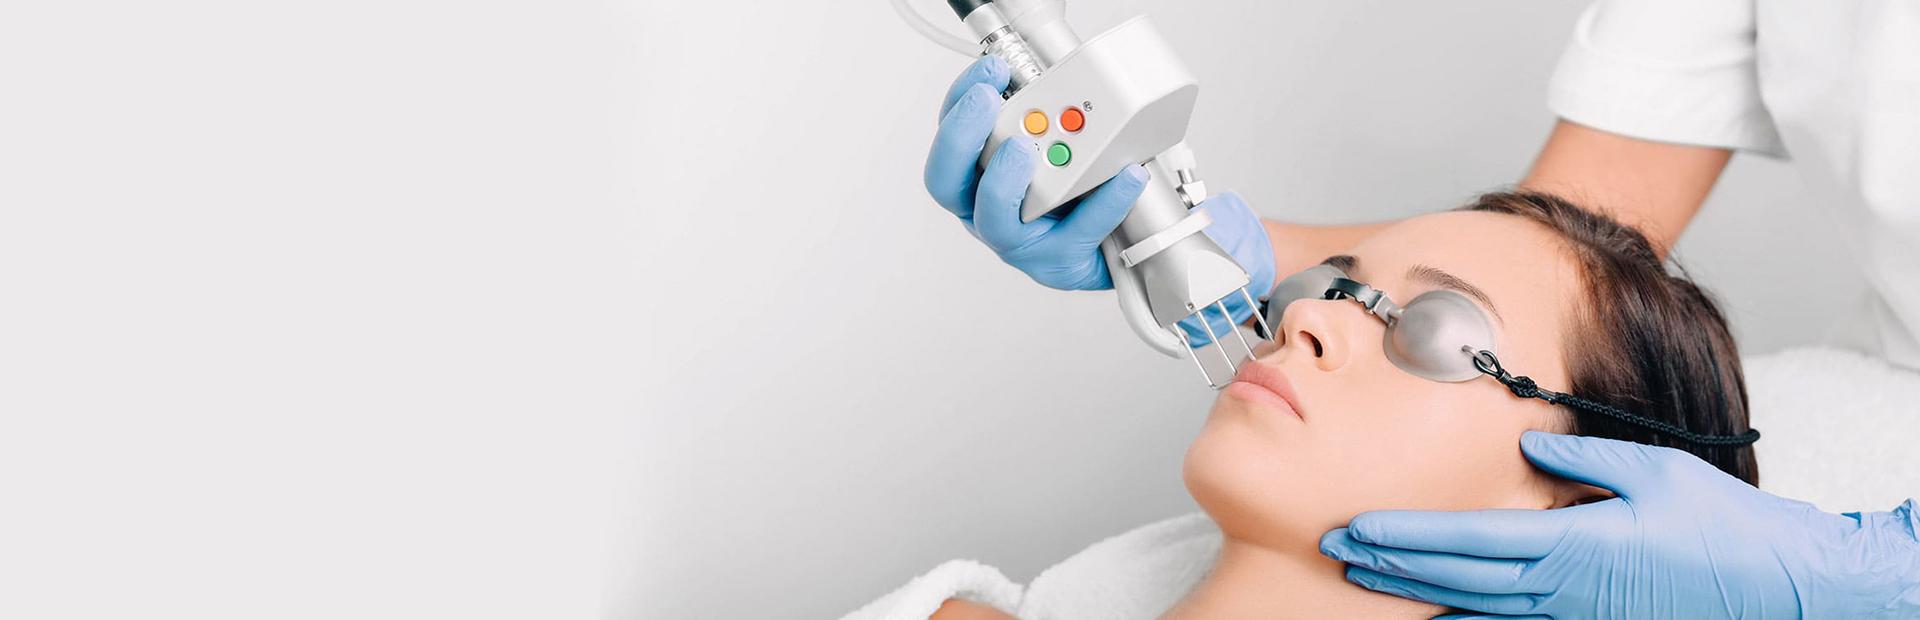 Молодость без хирургии: Фракционный СО2 лазер